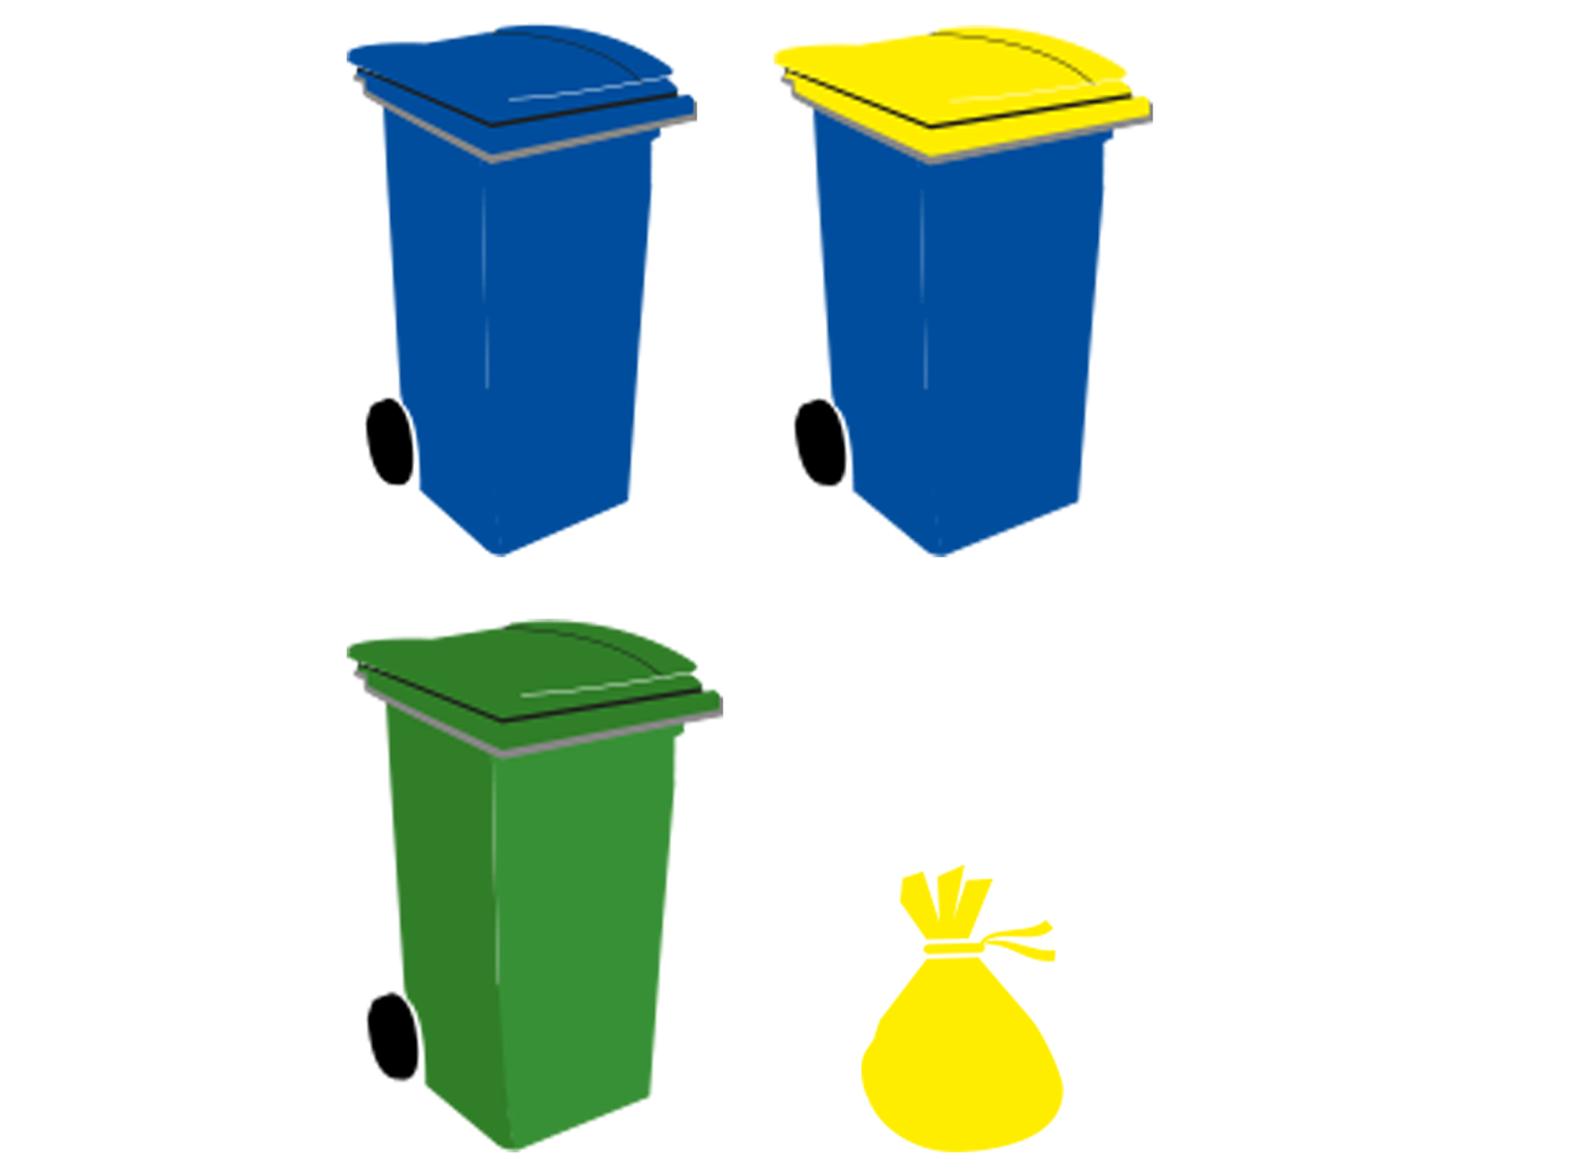 différentes poubelles : verte, bleue, bleue avec un couvercle jaune